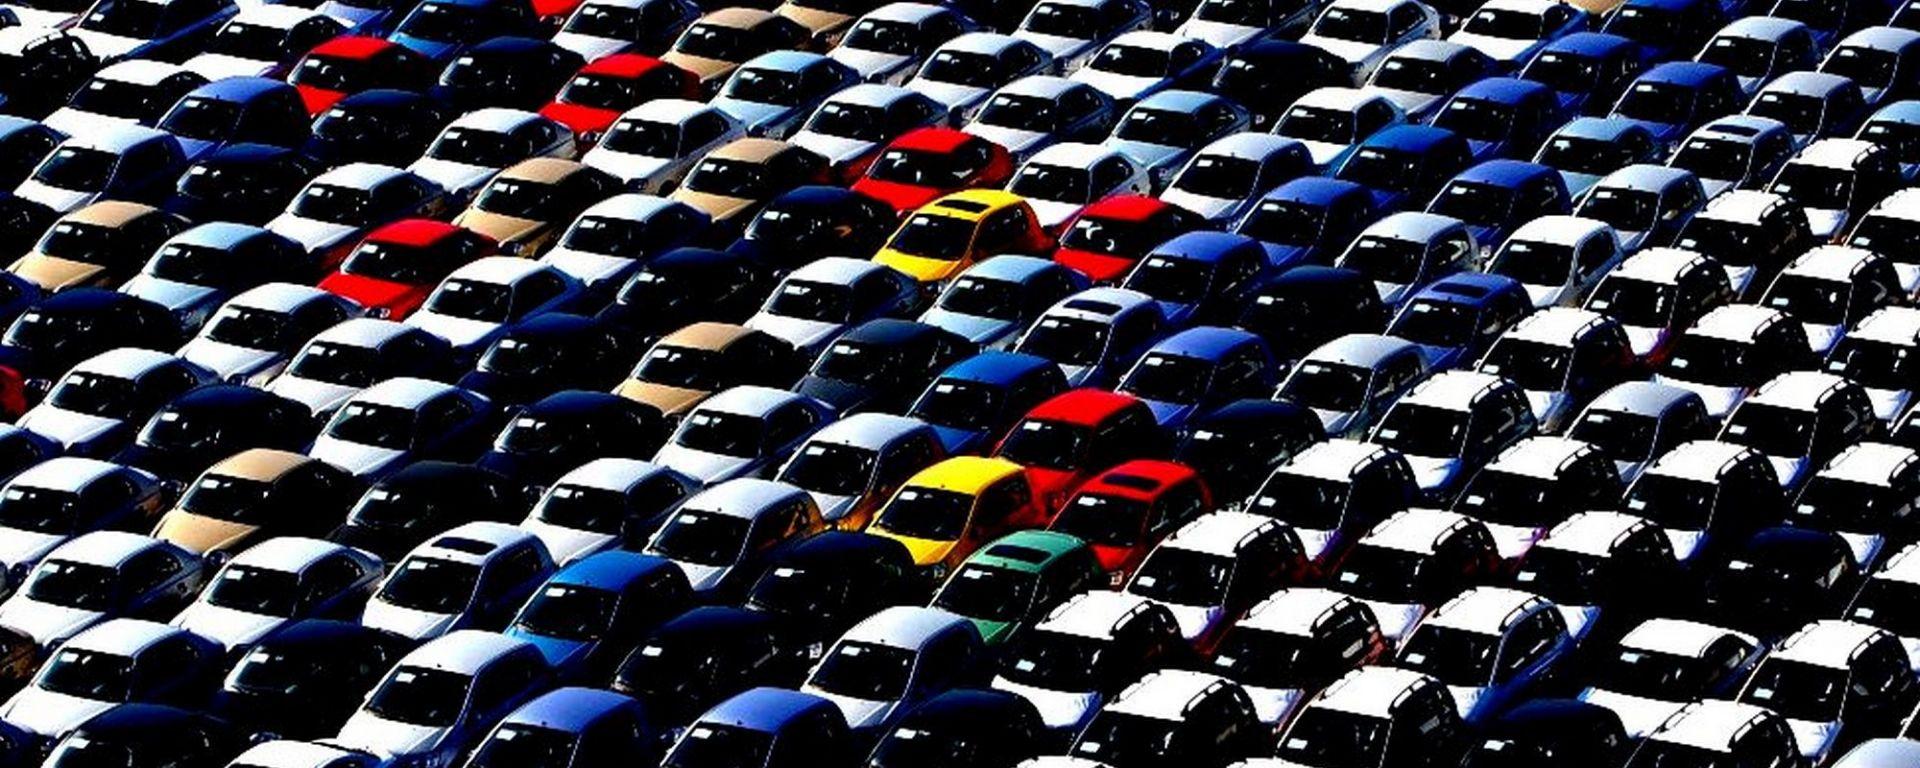 Agosto effervescente per il mercato auto: +15,8%